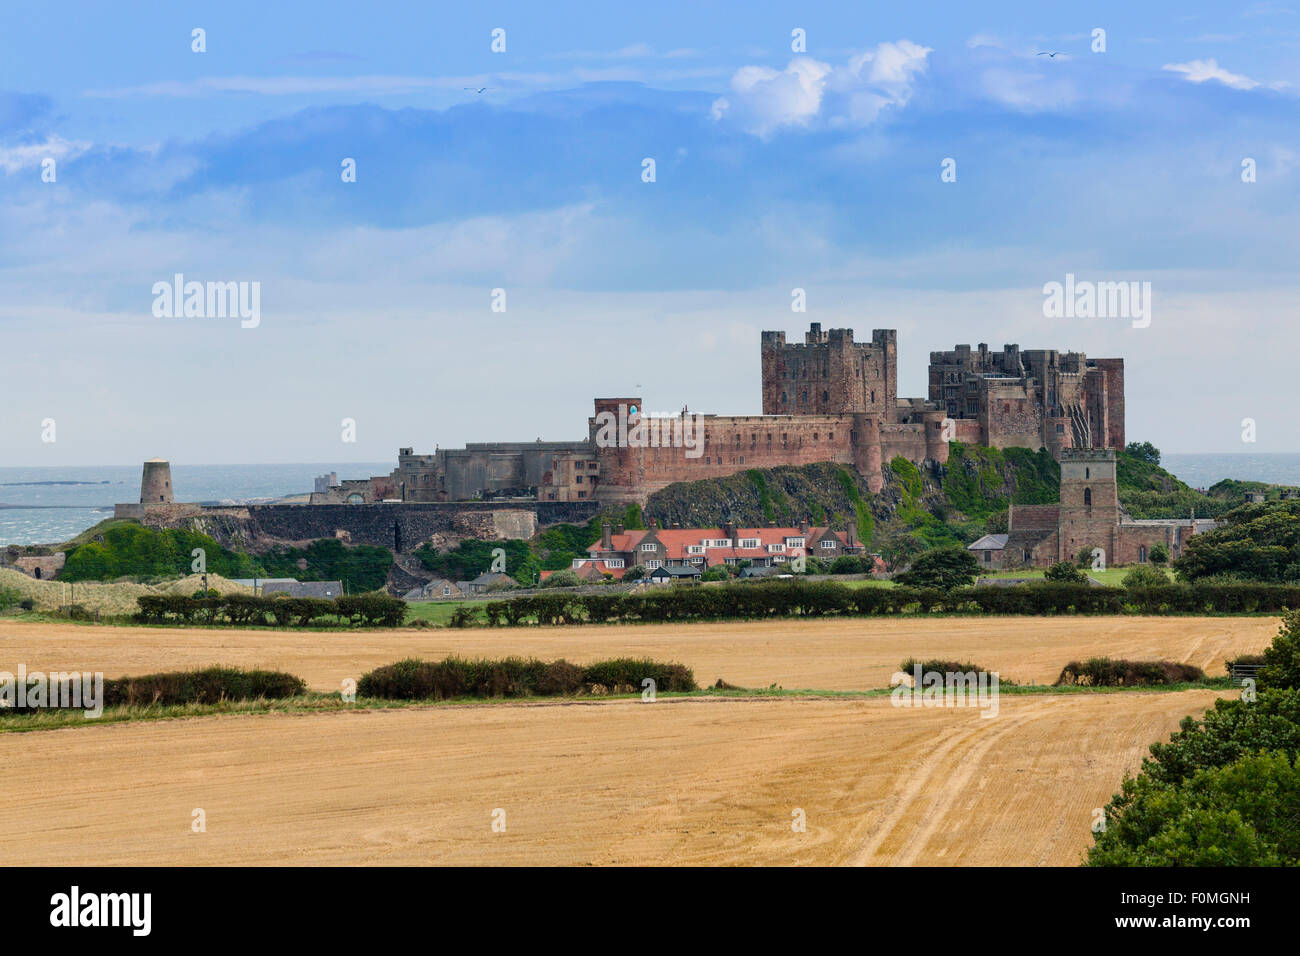 Bamburgh castle, Northumberland, England - Stock Image